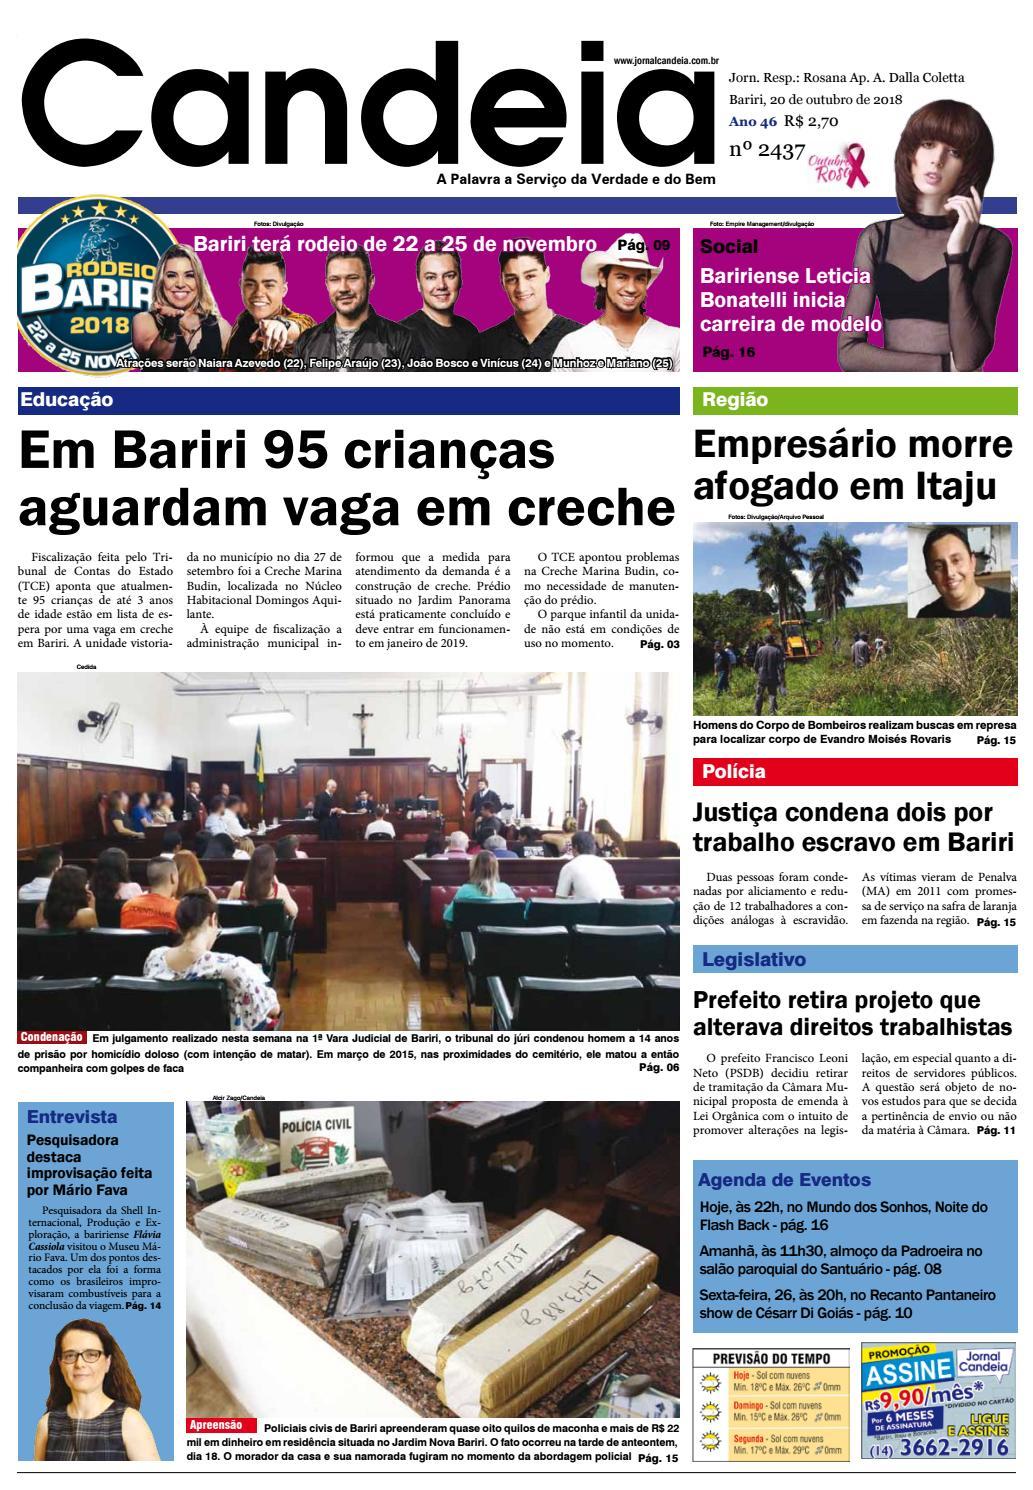 87bc4a83ce5 Jornal Candeia 20-10-2018 by Jornal Candeia - issuu